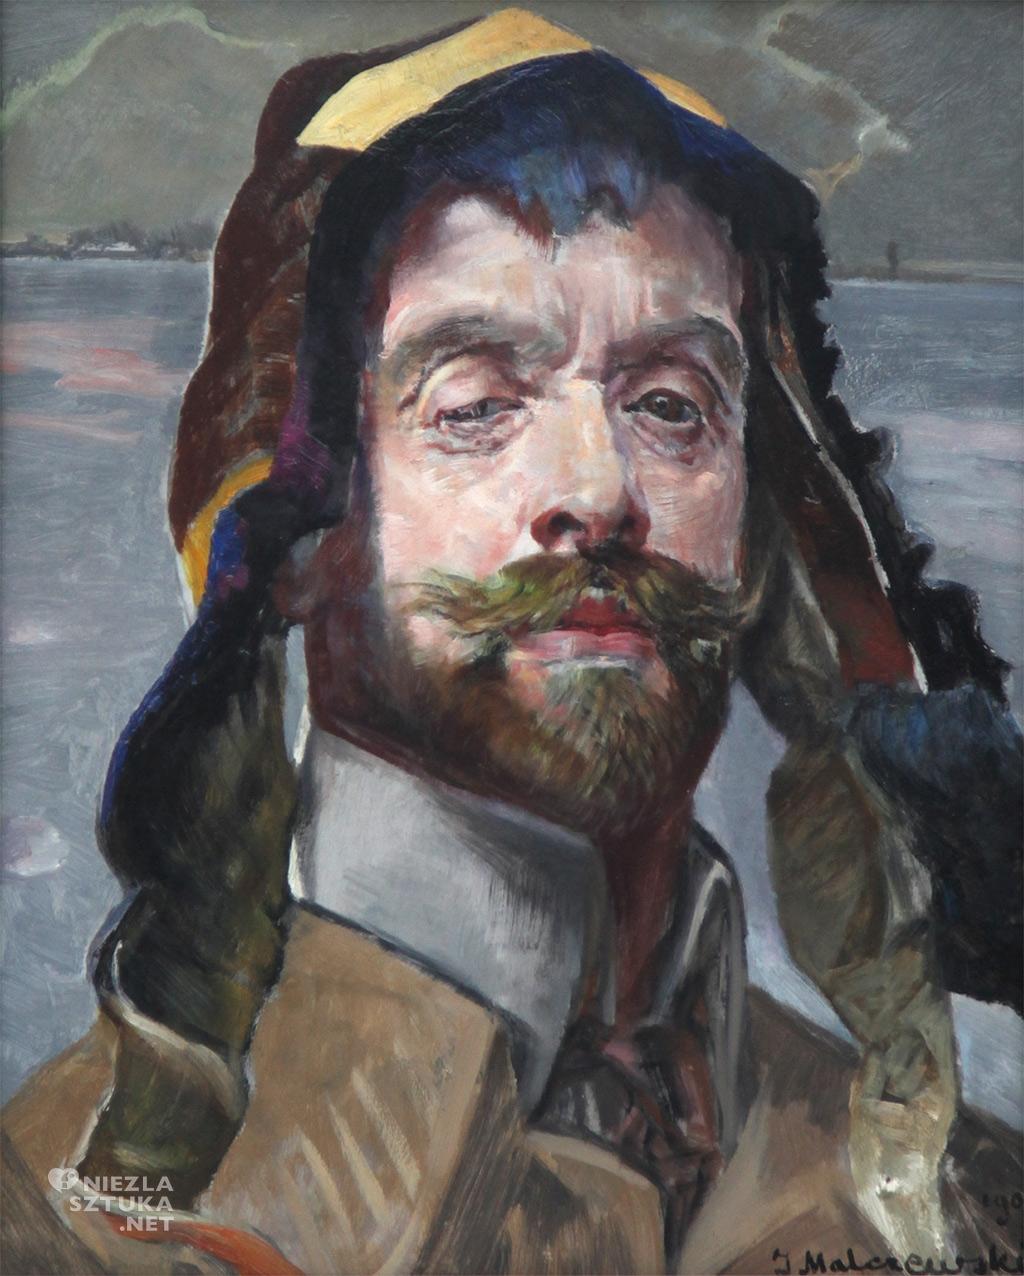 Jacek Malczewski, Autoportret w jakuckiej czapce, malarstwo polskie, polska sztuka, Niezła Sztuka